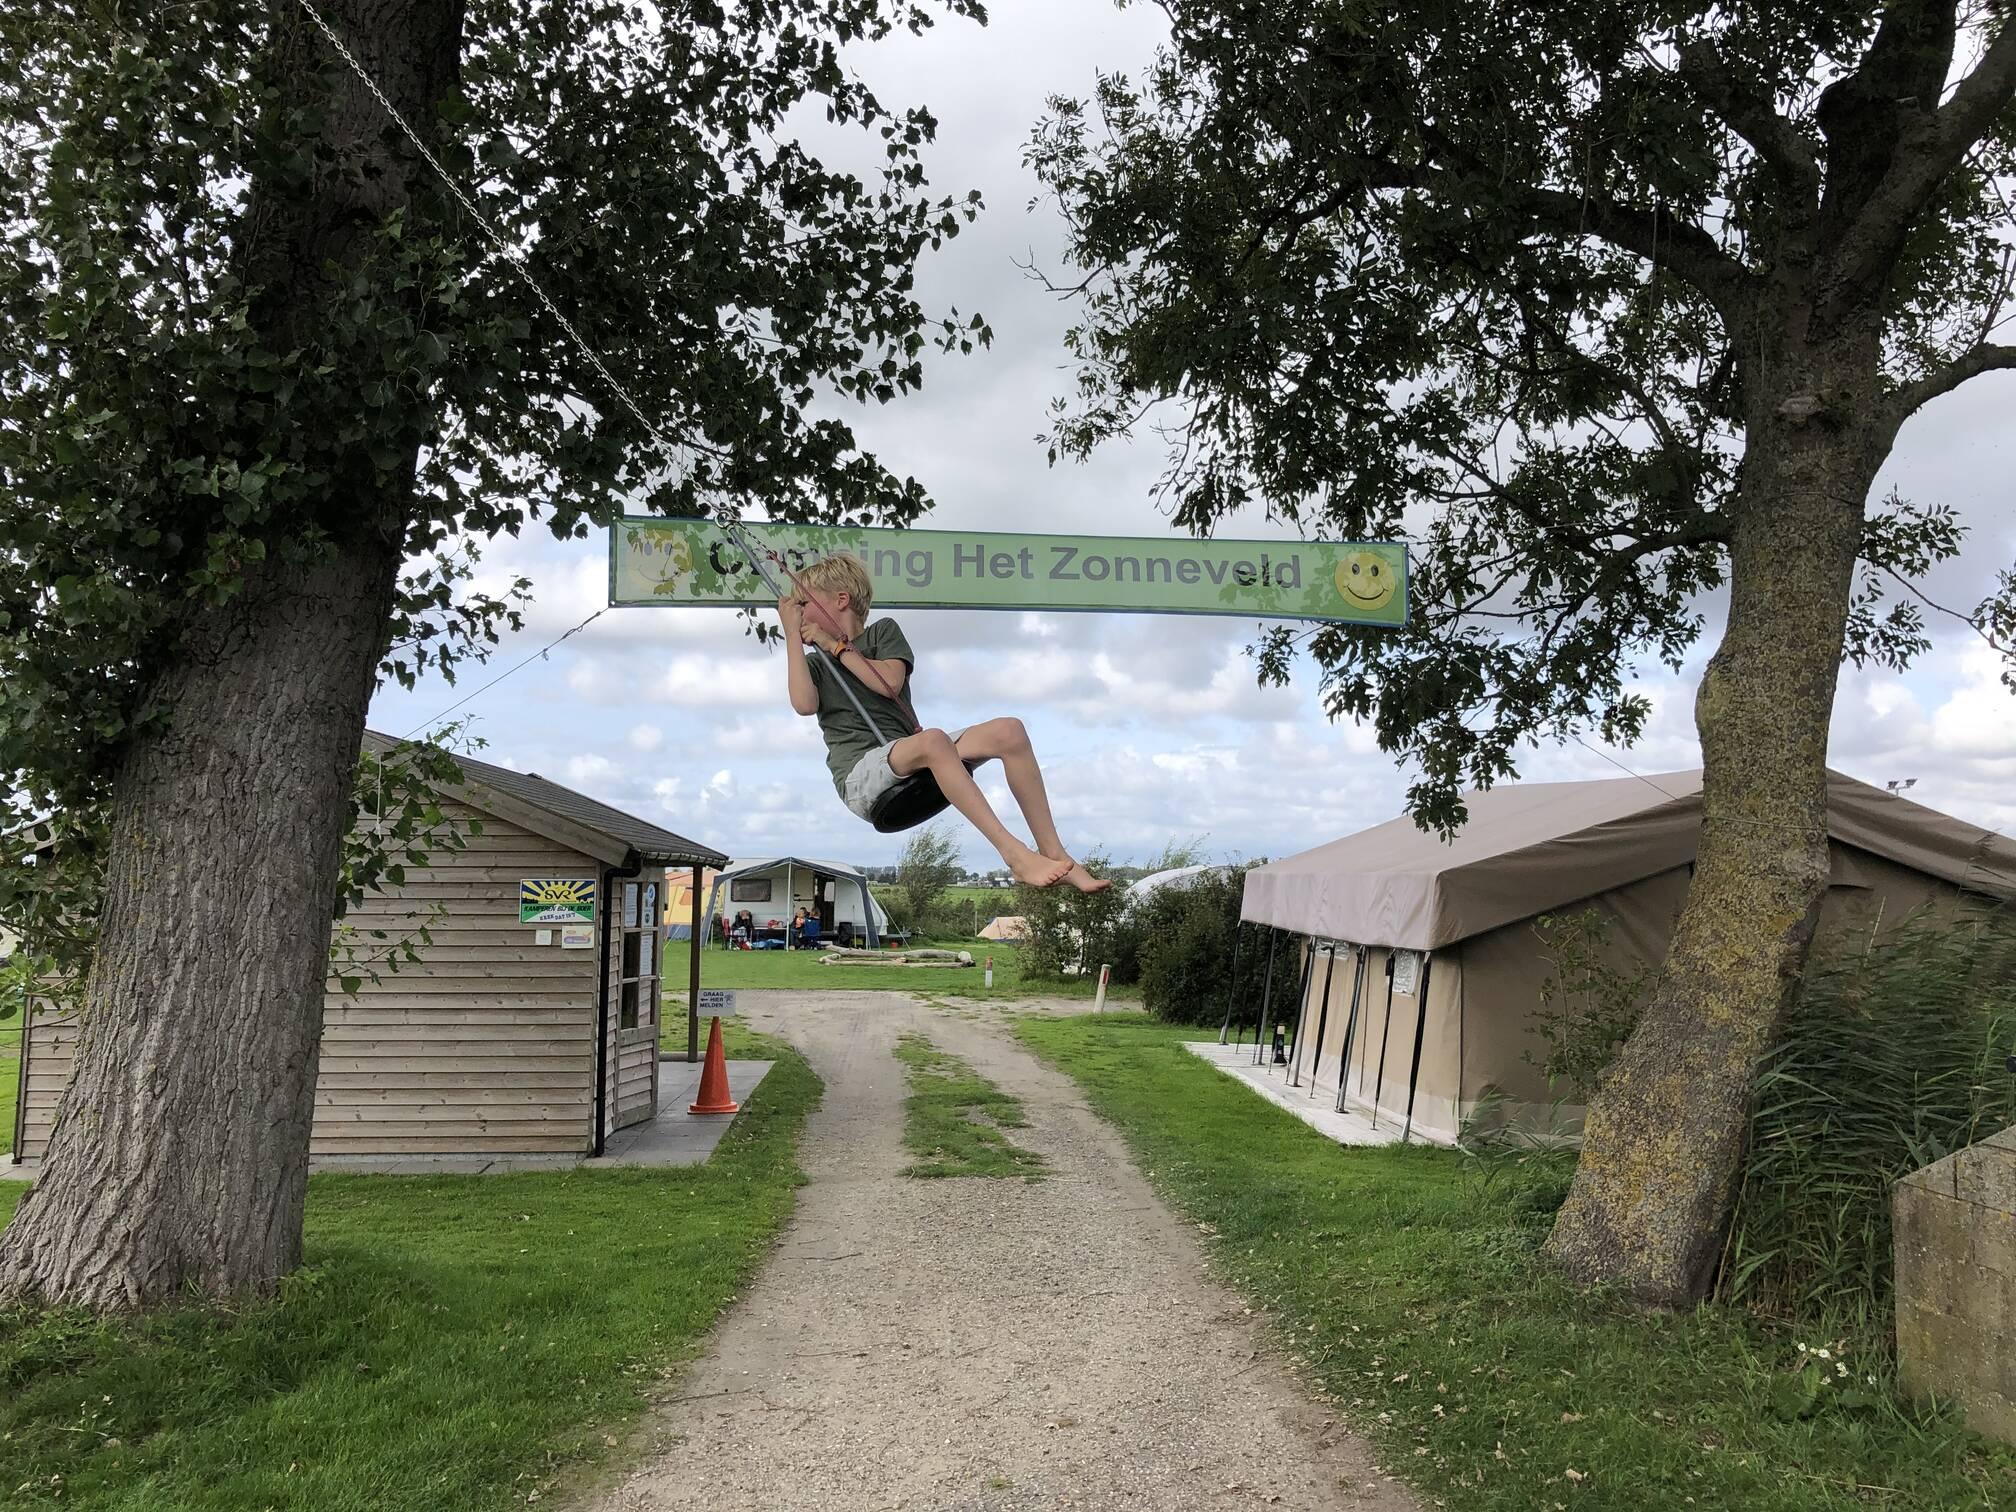 Camping Zonneveld in Schipluiden